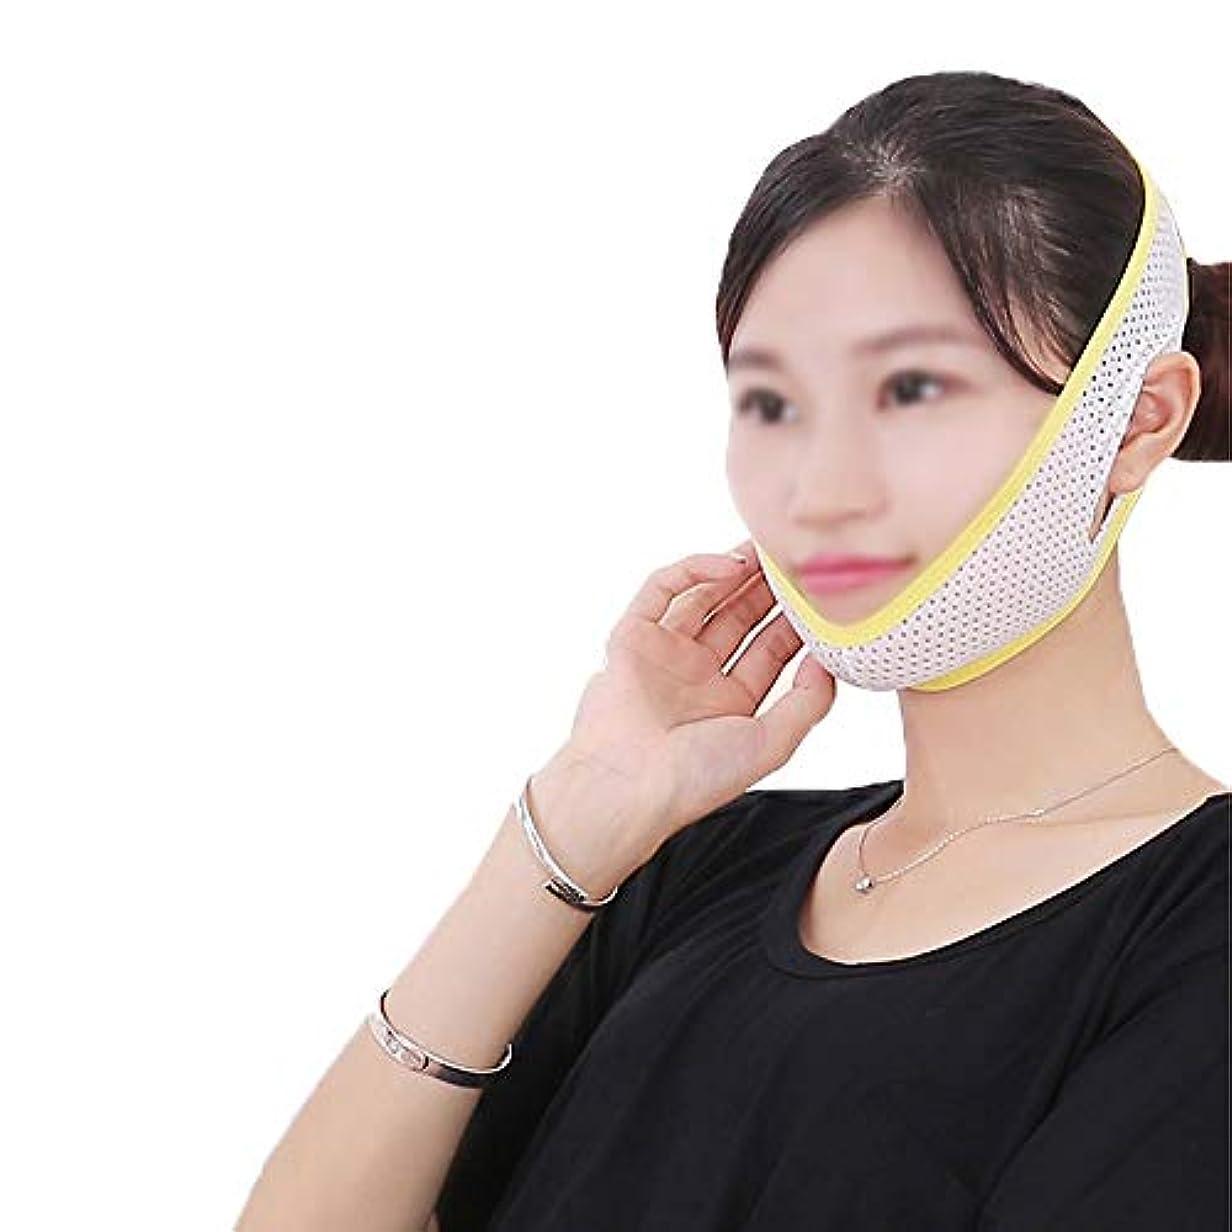 誕生ただはさみ顔と首のリフト、フェイスリフトマスク強力なフェイスリフティングツール引き締めとリフティングスキニーフェイスマスクアーチファクトフェイスリフティング包帯フェイスリフティングデバイス (Size : M)